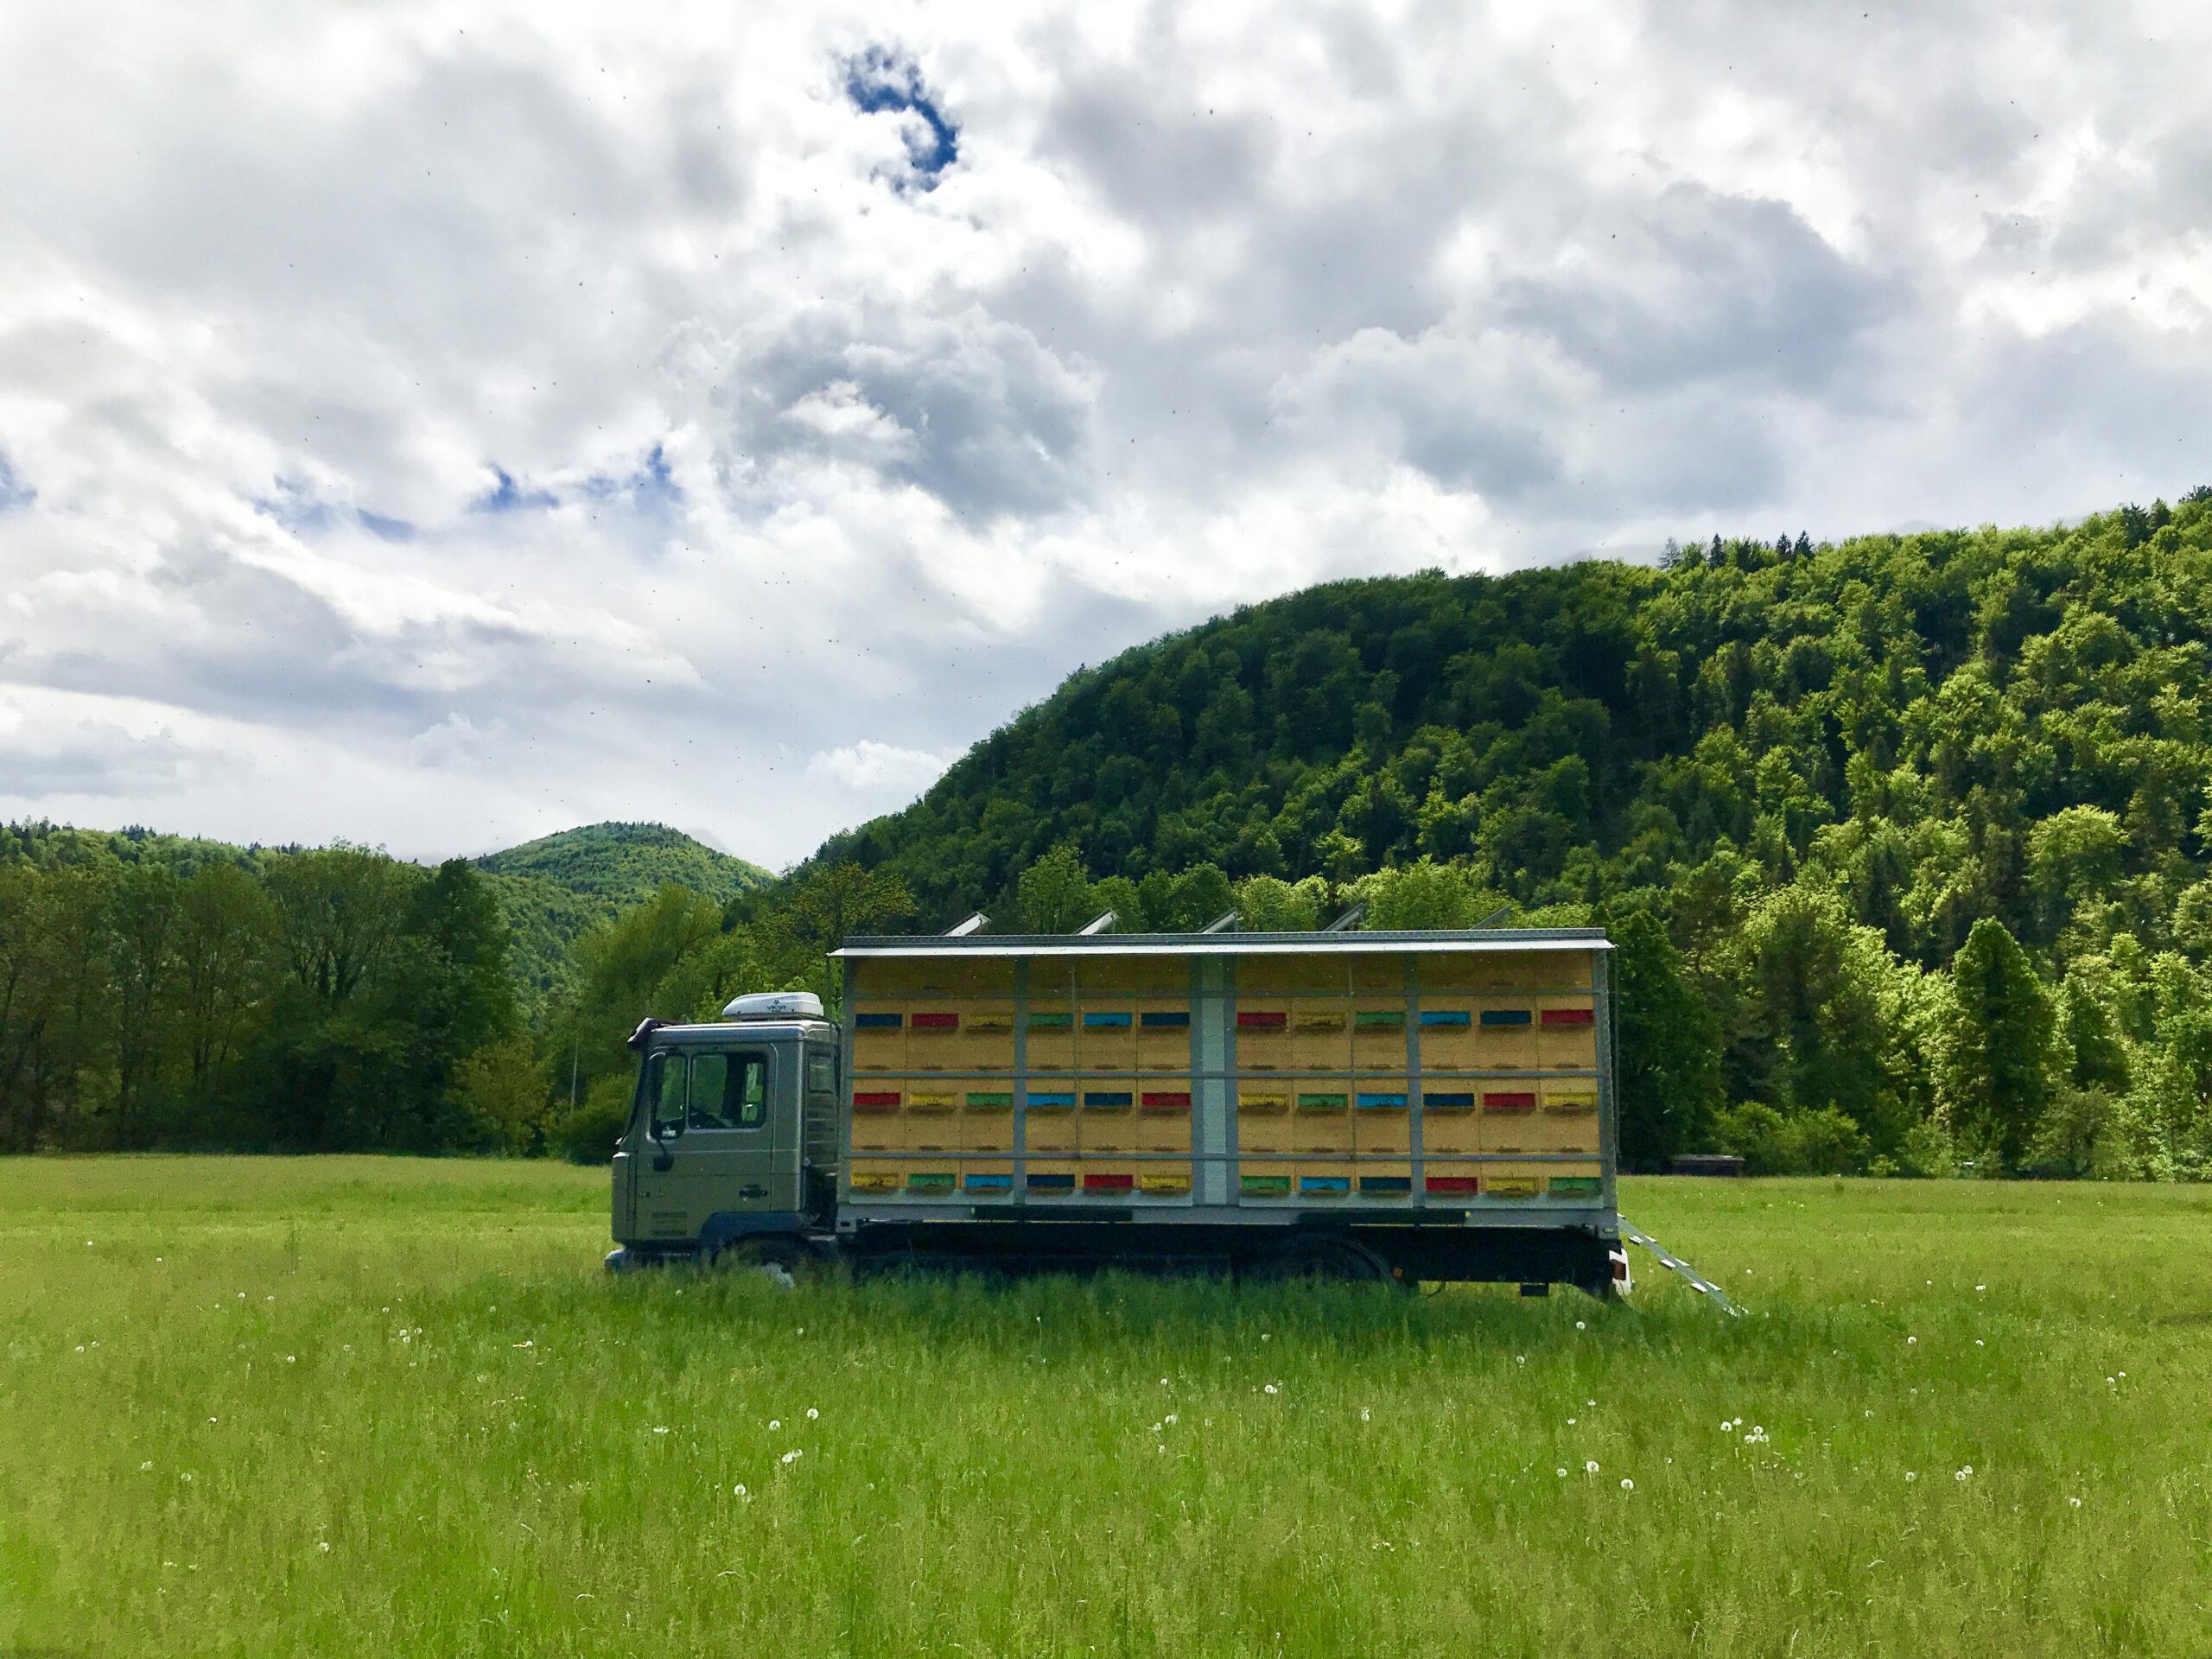 Urška Intihar beekeeping truck